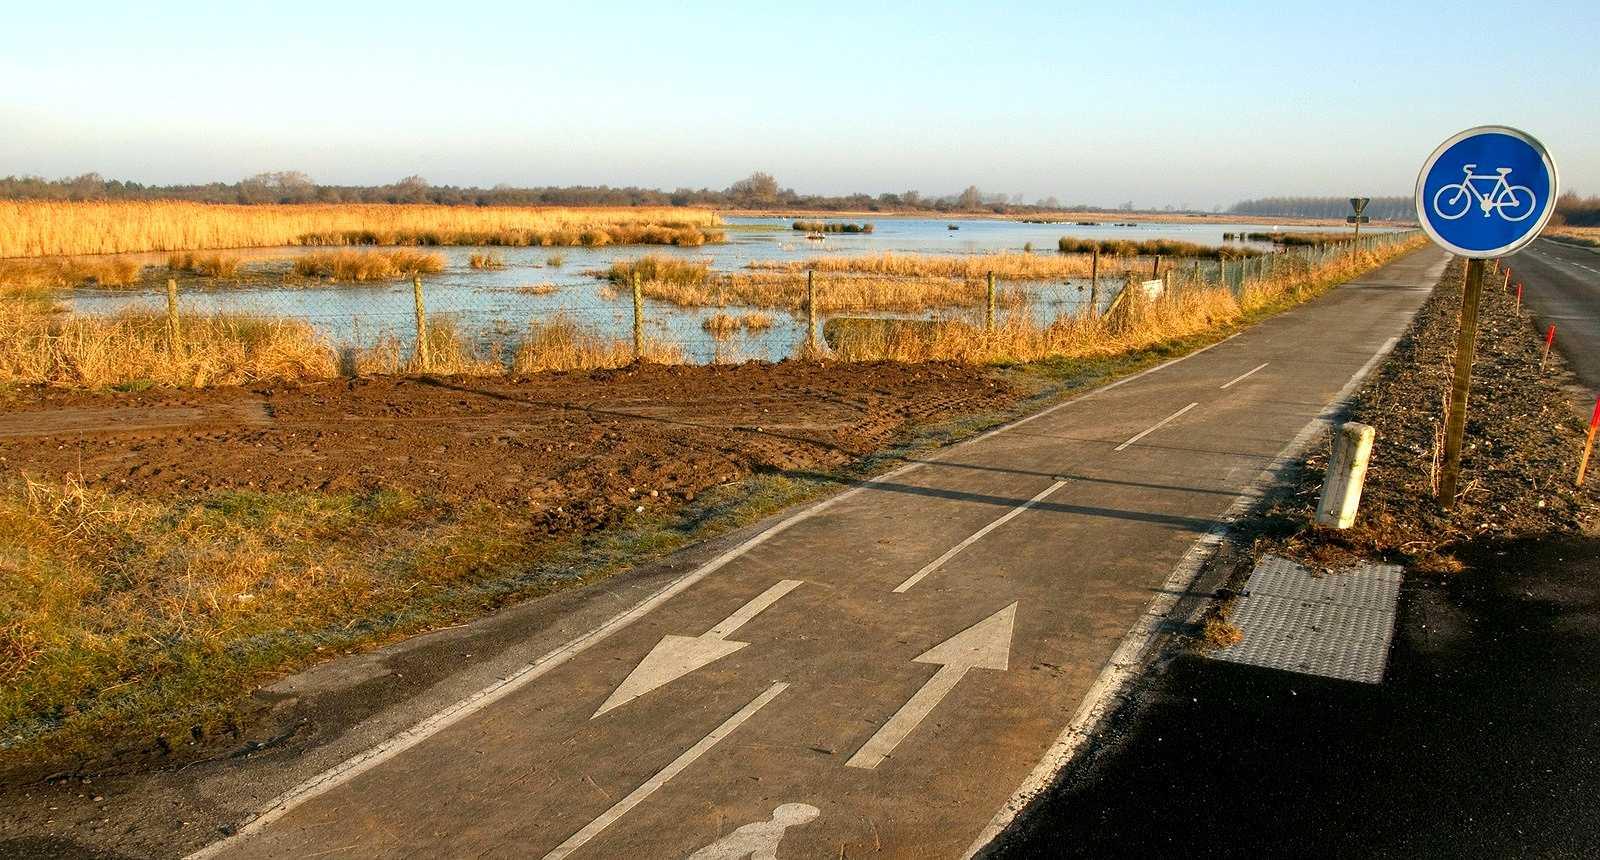 Les pistes cyclables autour de la Baie de Somme